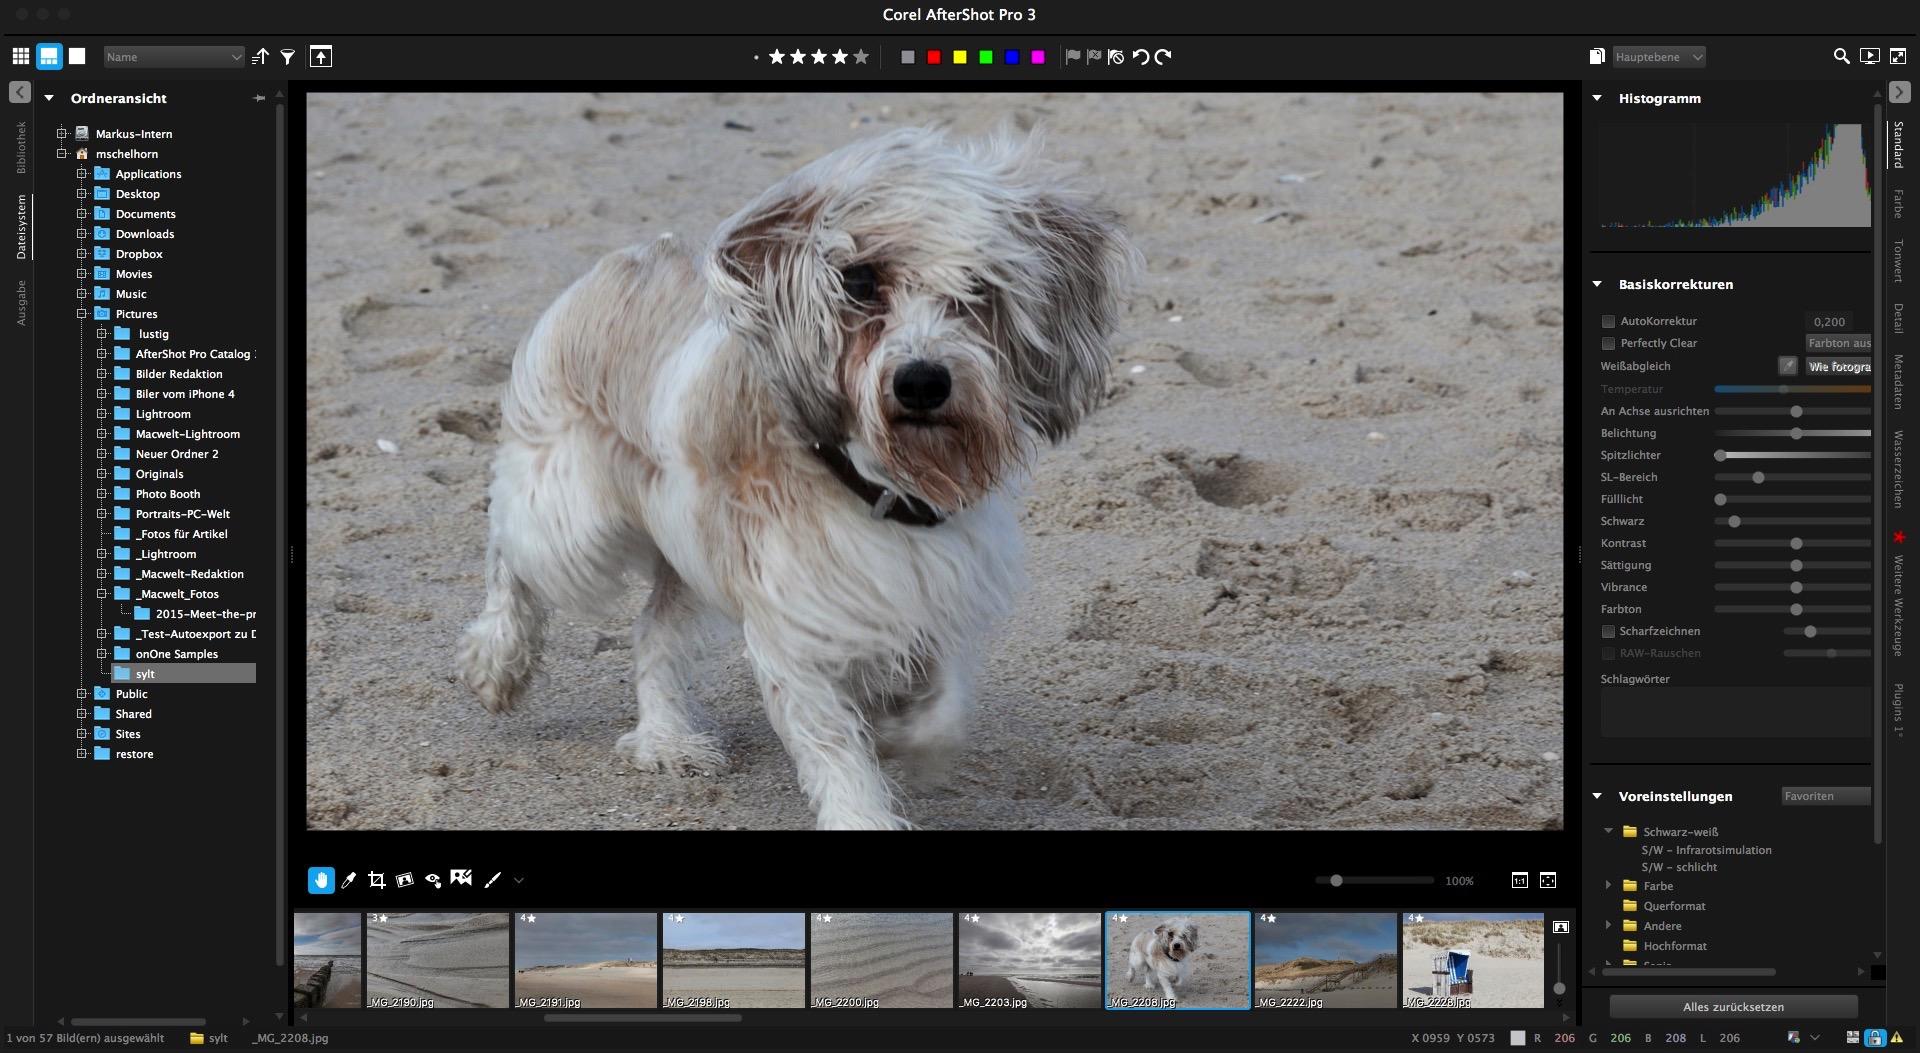 Corel Aftershot Pro 3 versus Adobe Lightroom